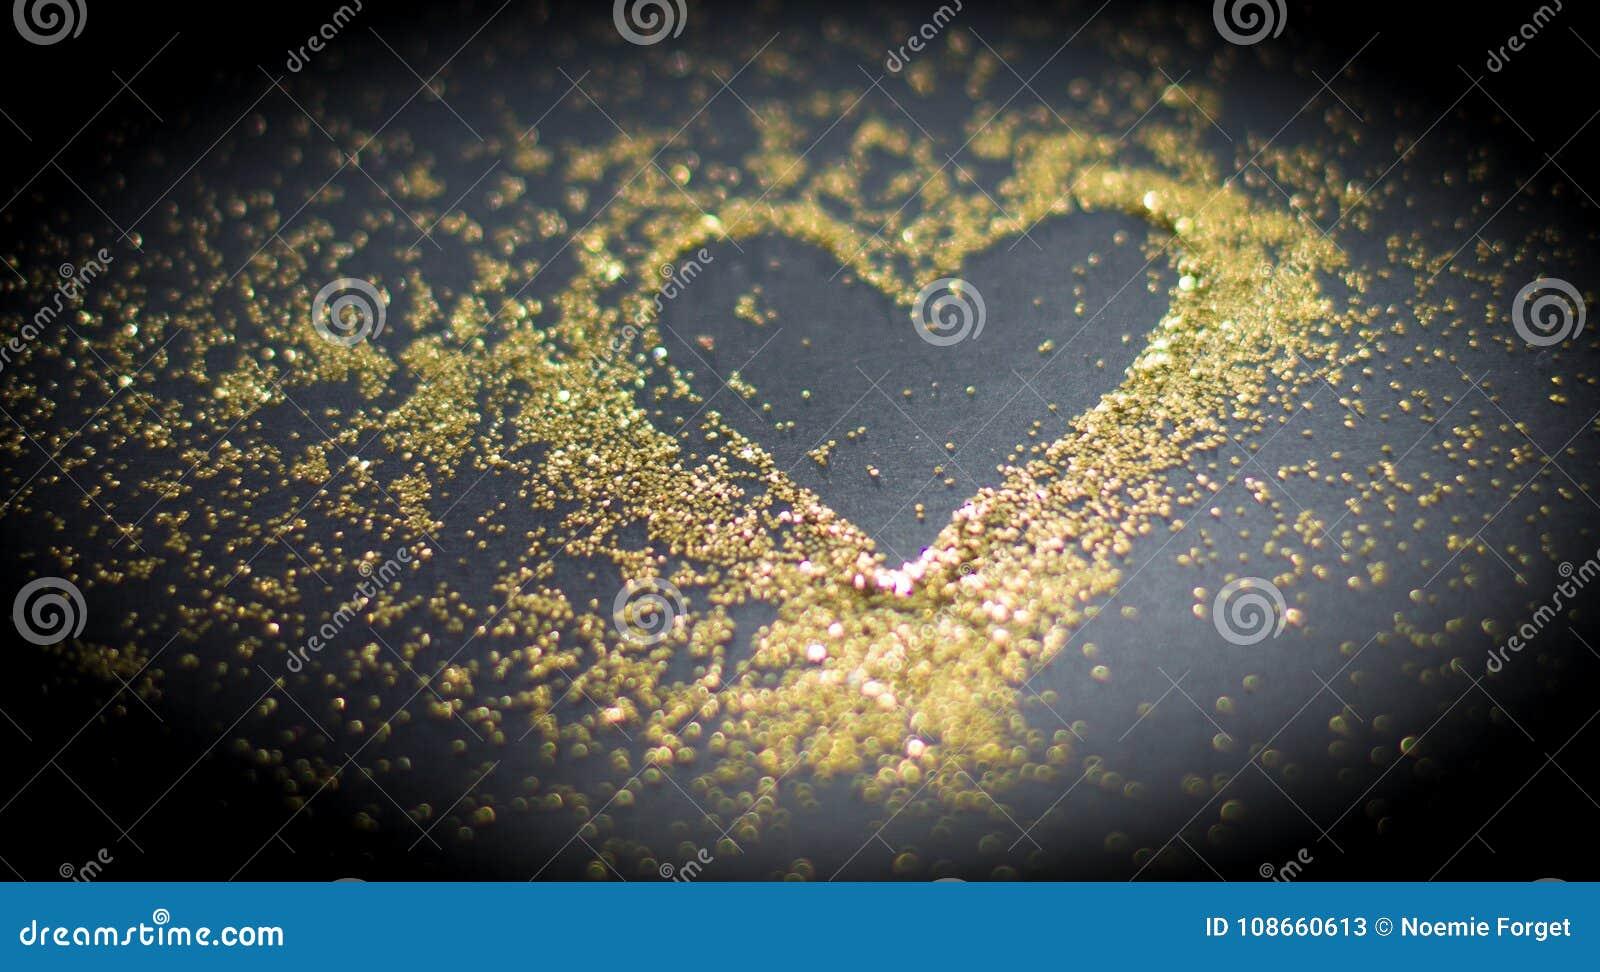 Herz im goldenen Pulver